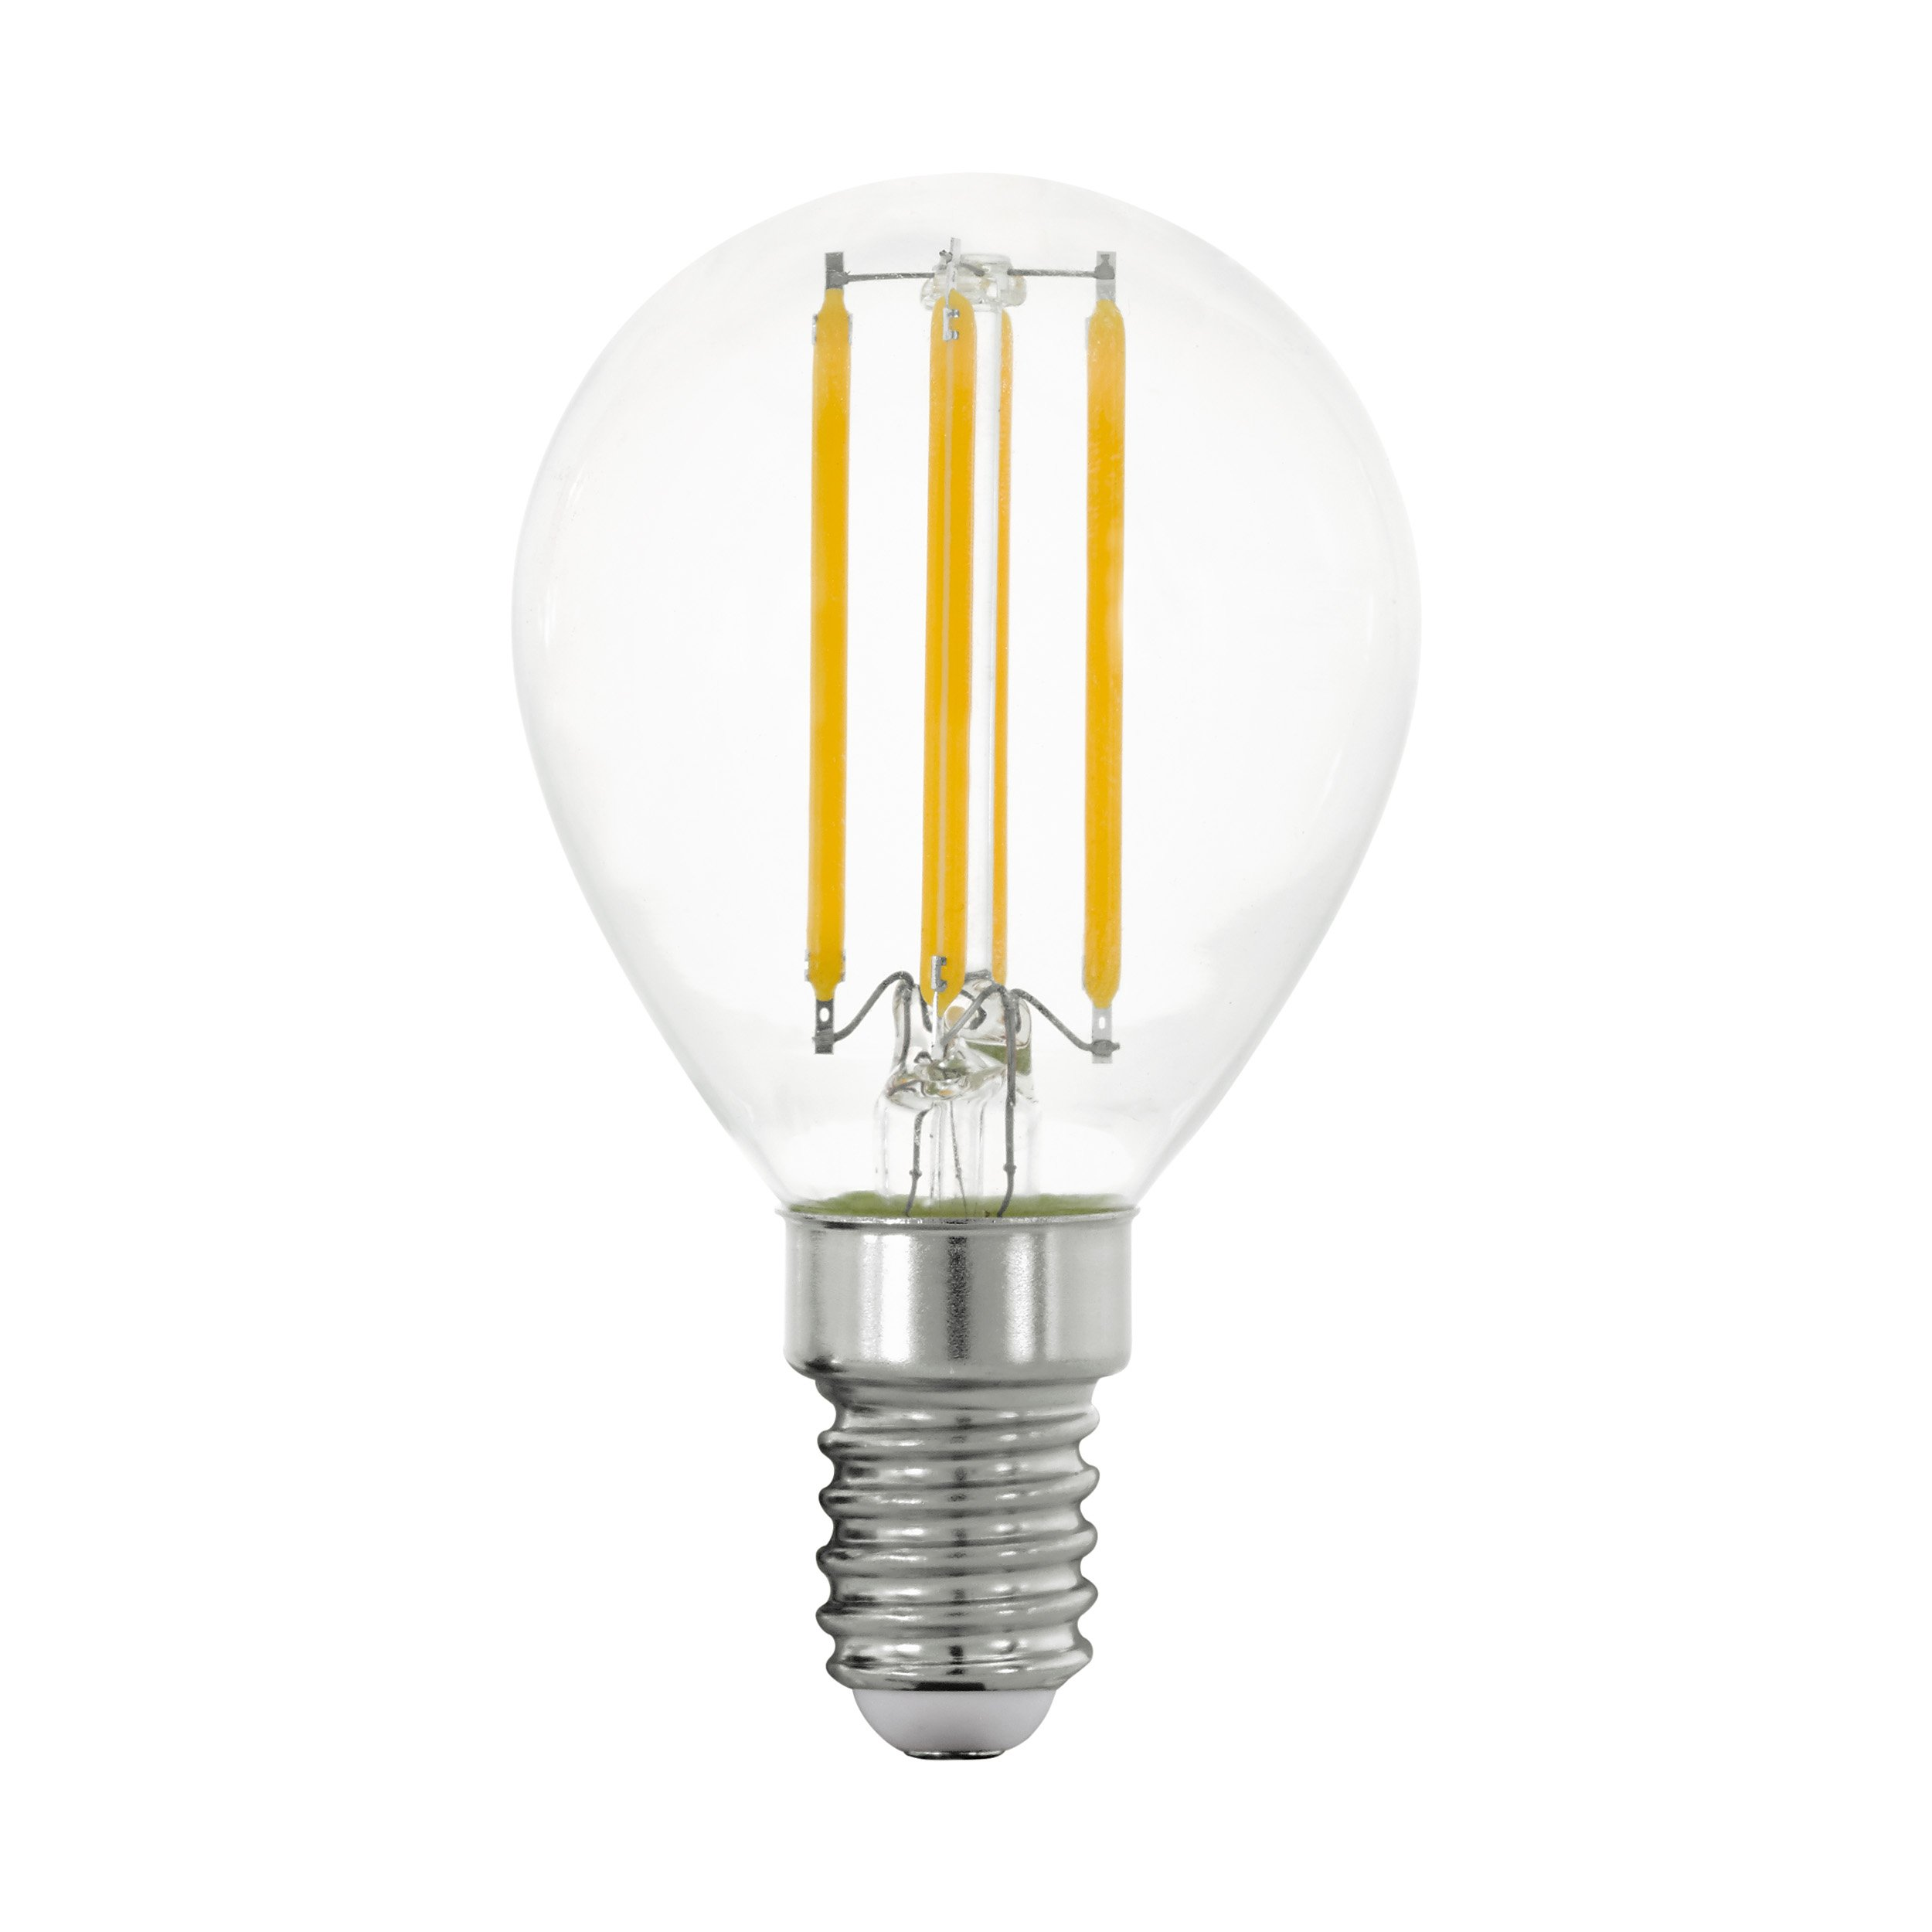 Leuchtmittel LM_LED_E14